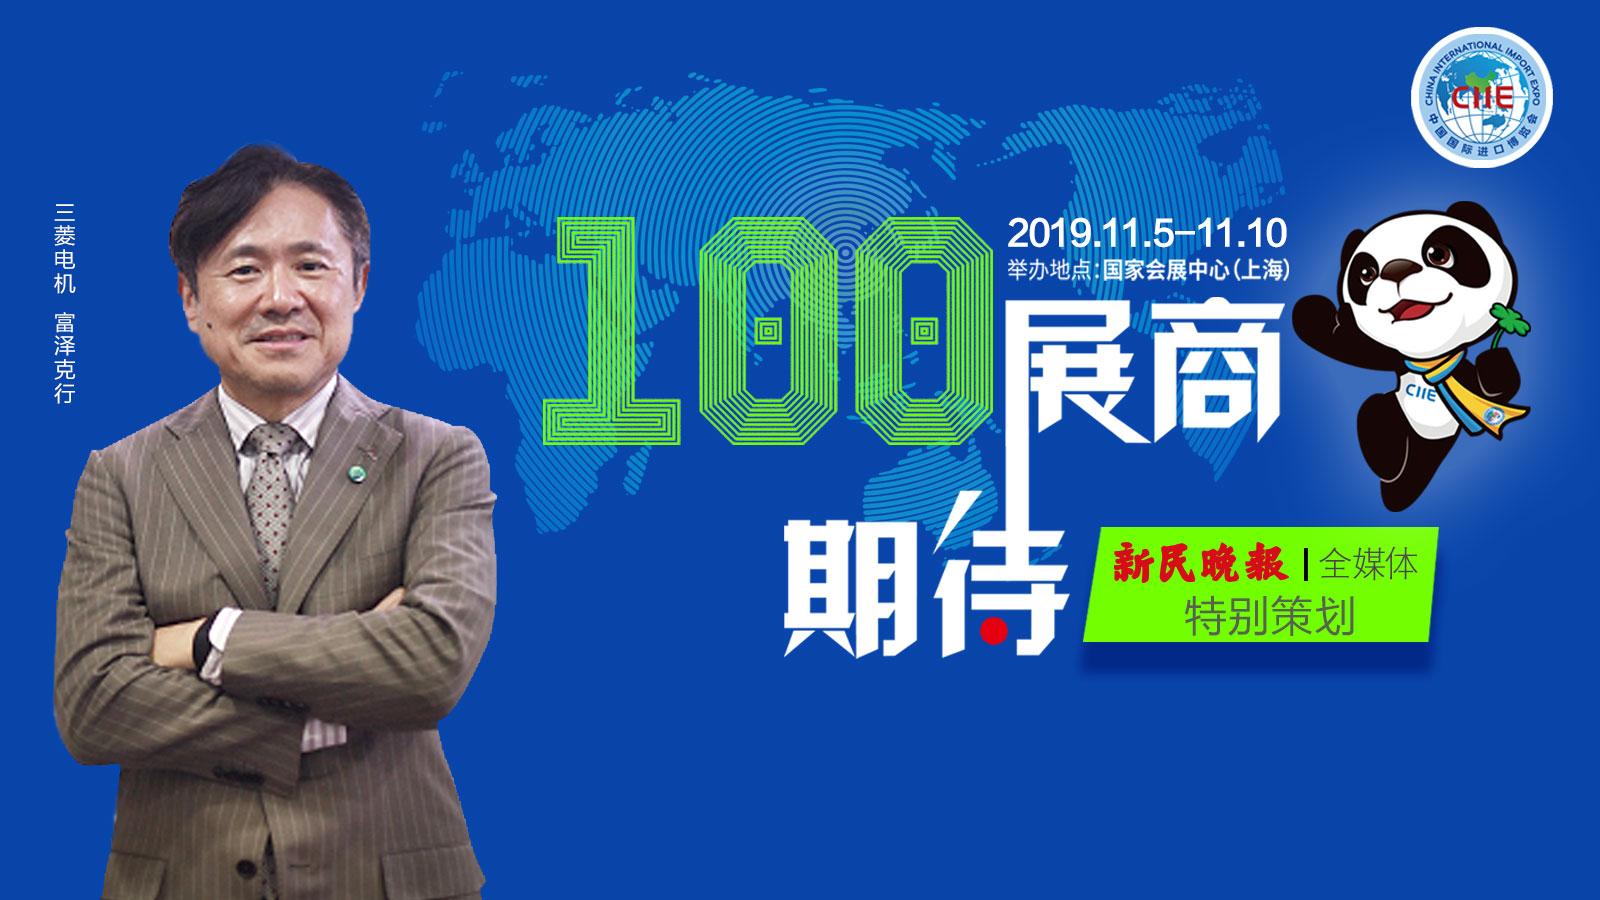 100展商100期待|三菱电机富泽克行:进博会是一场海纳百川的盛会  第二届进博会上全球首发E-JIT技术平台